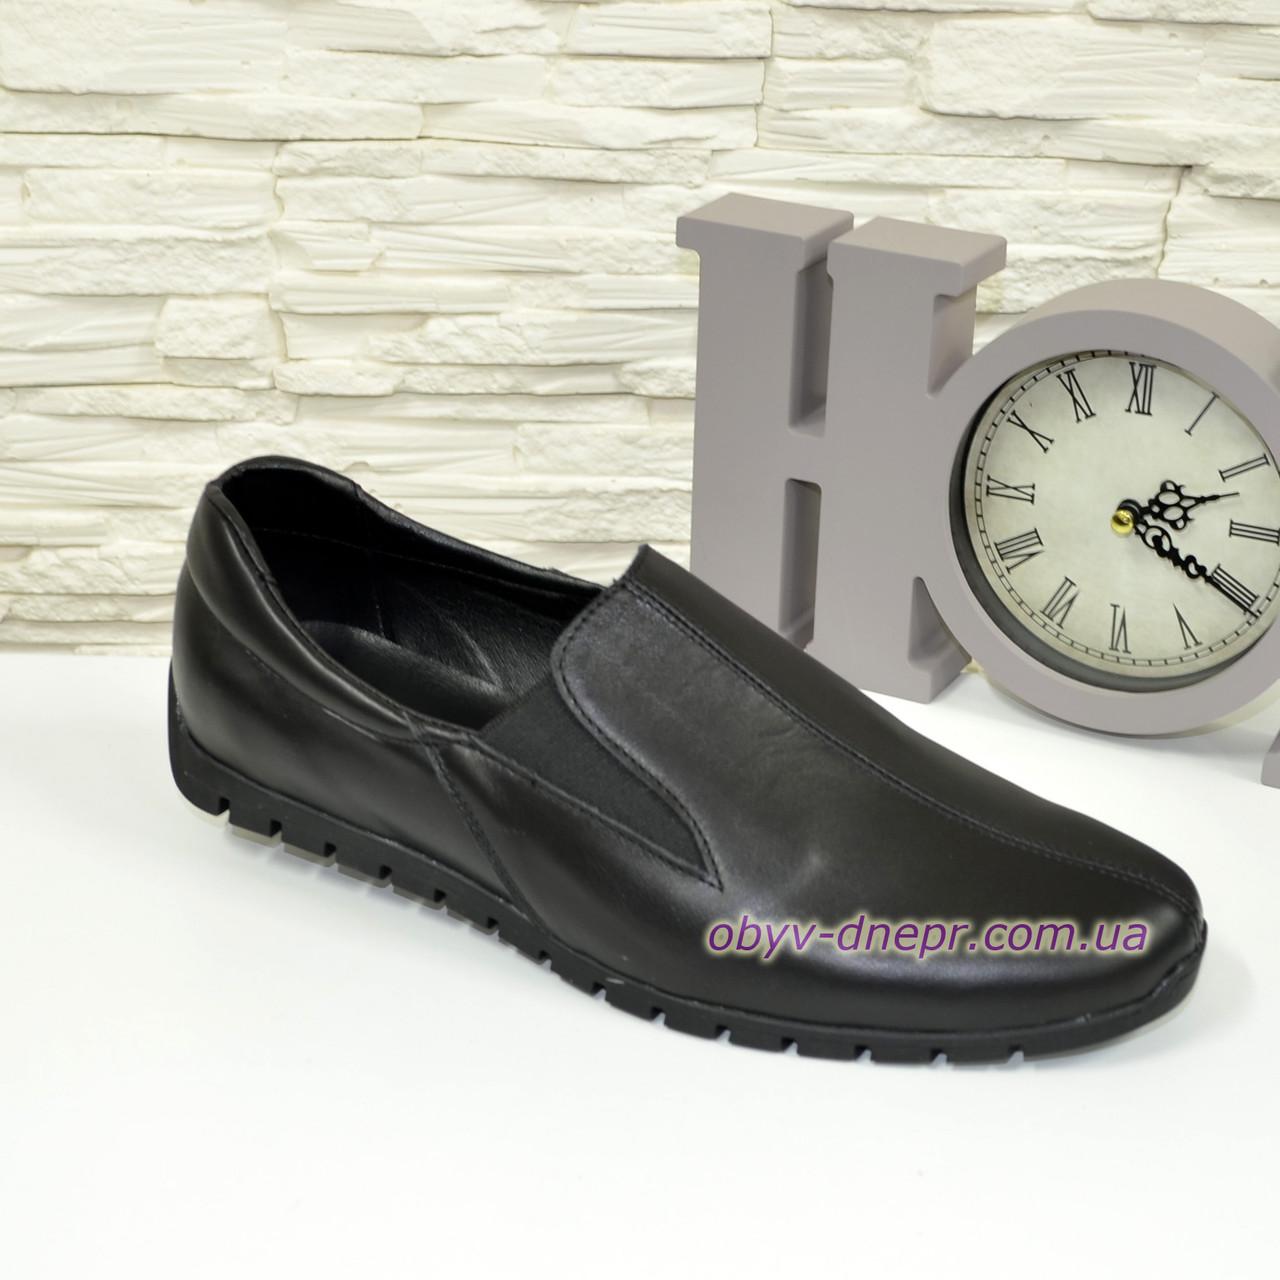 Туфли-мокасины кожаные мужские комфортные, цвет черный.